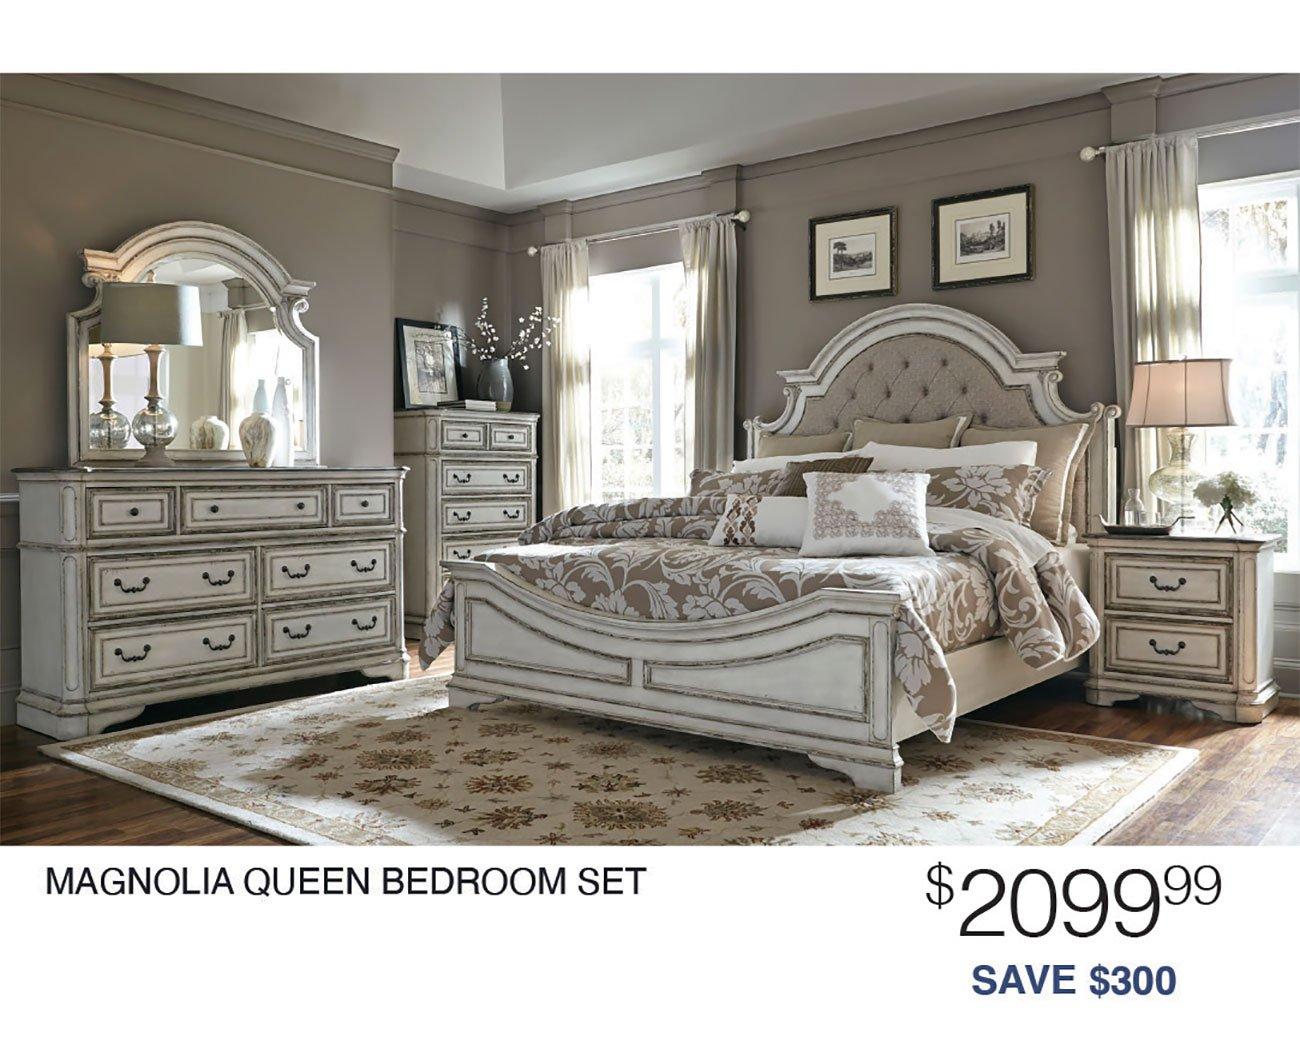 Magnolia-Queen-Bedroom-Set